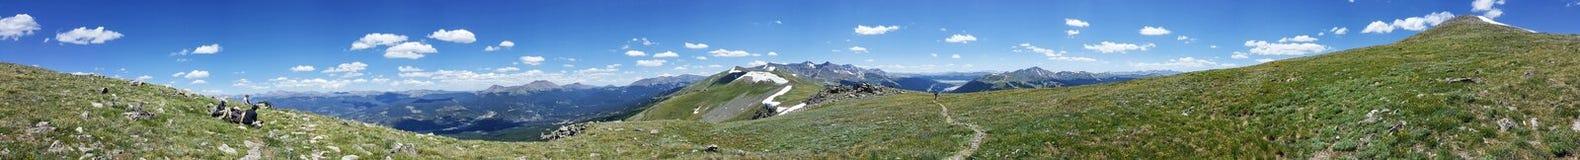 Paisagem da montanha de Colorado imagem de stock royalty free